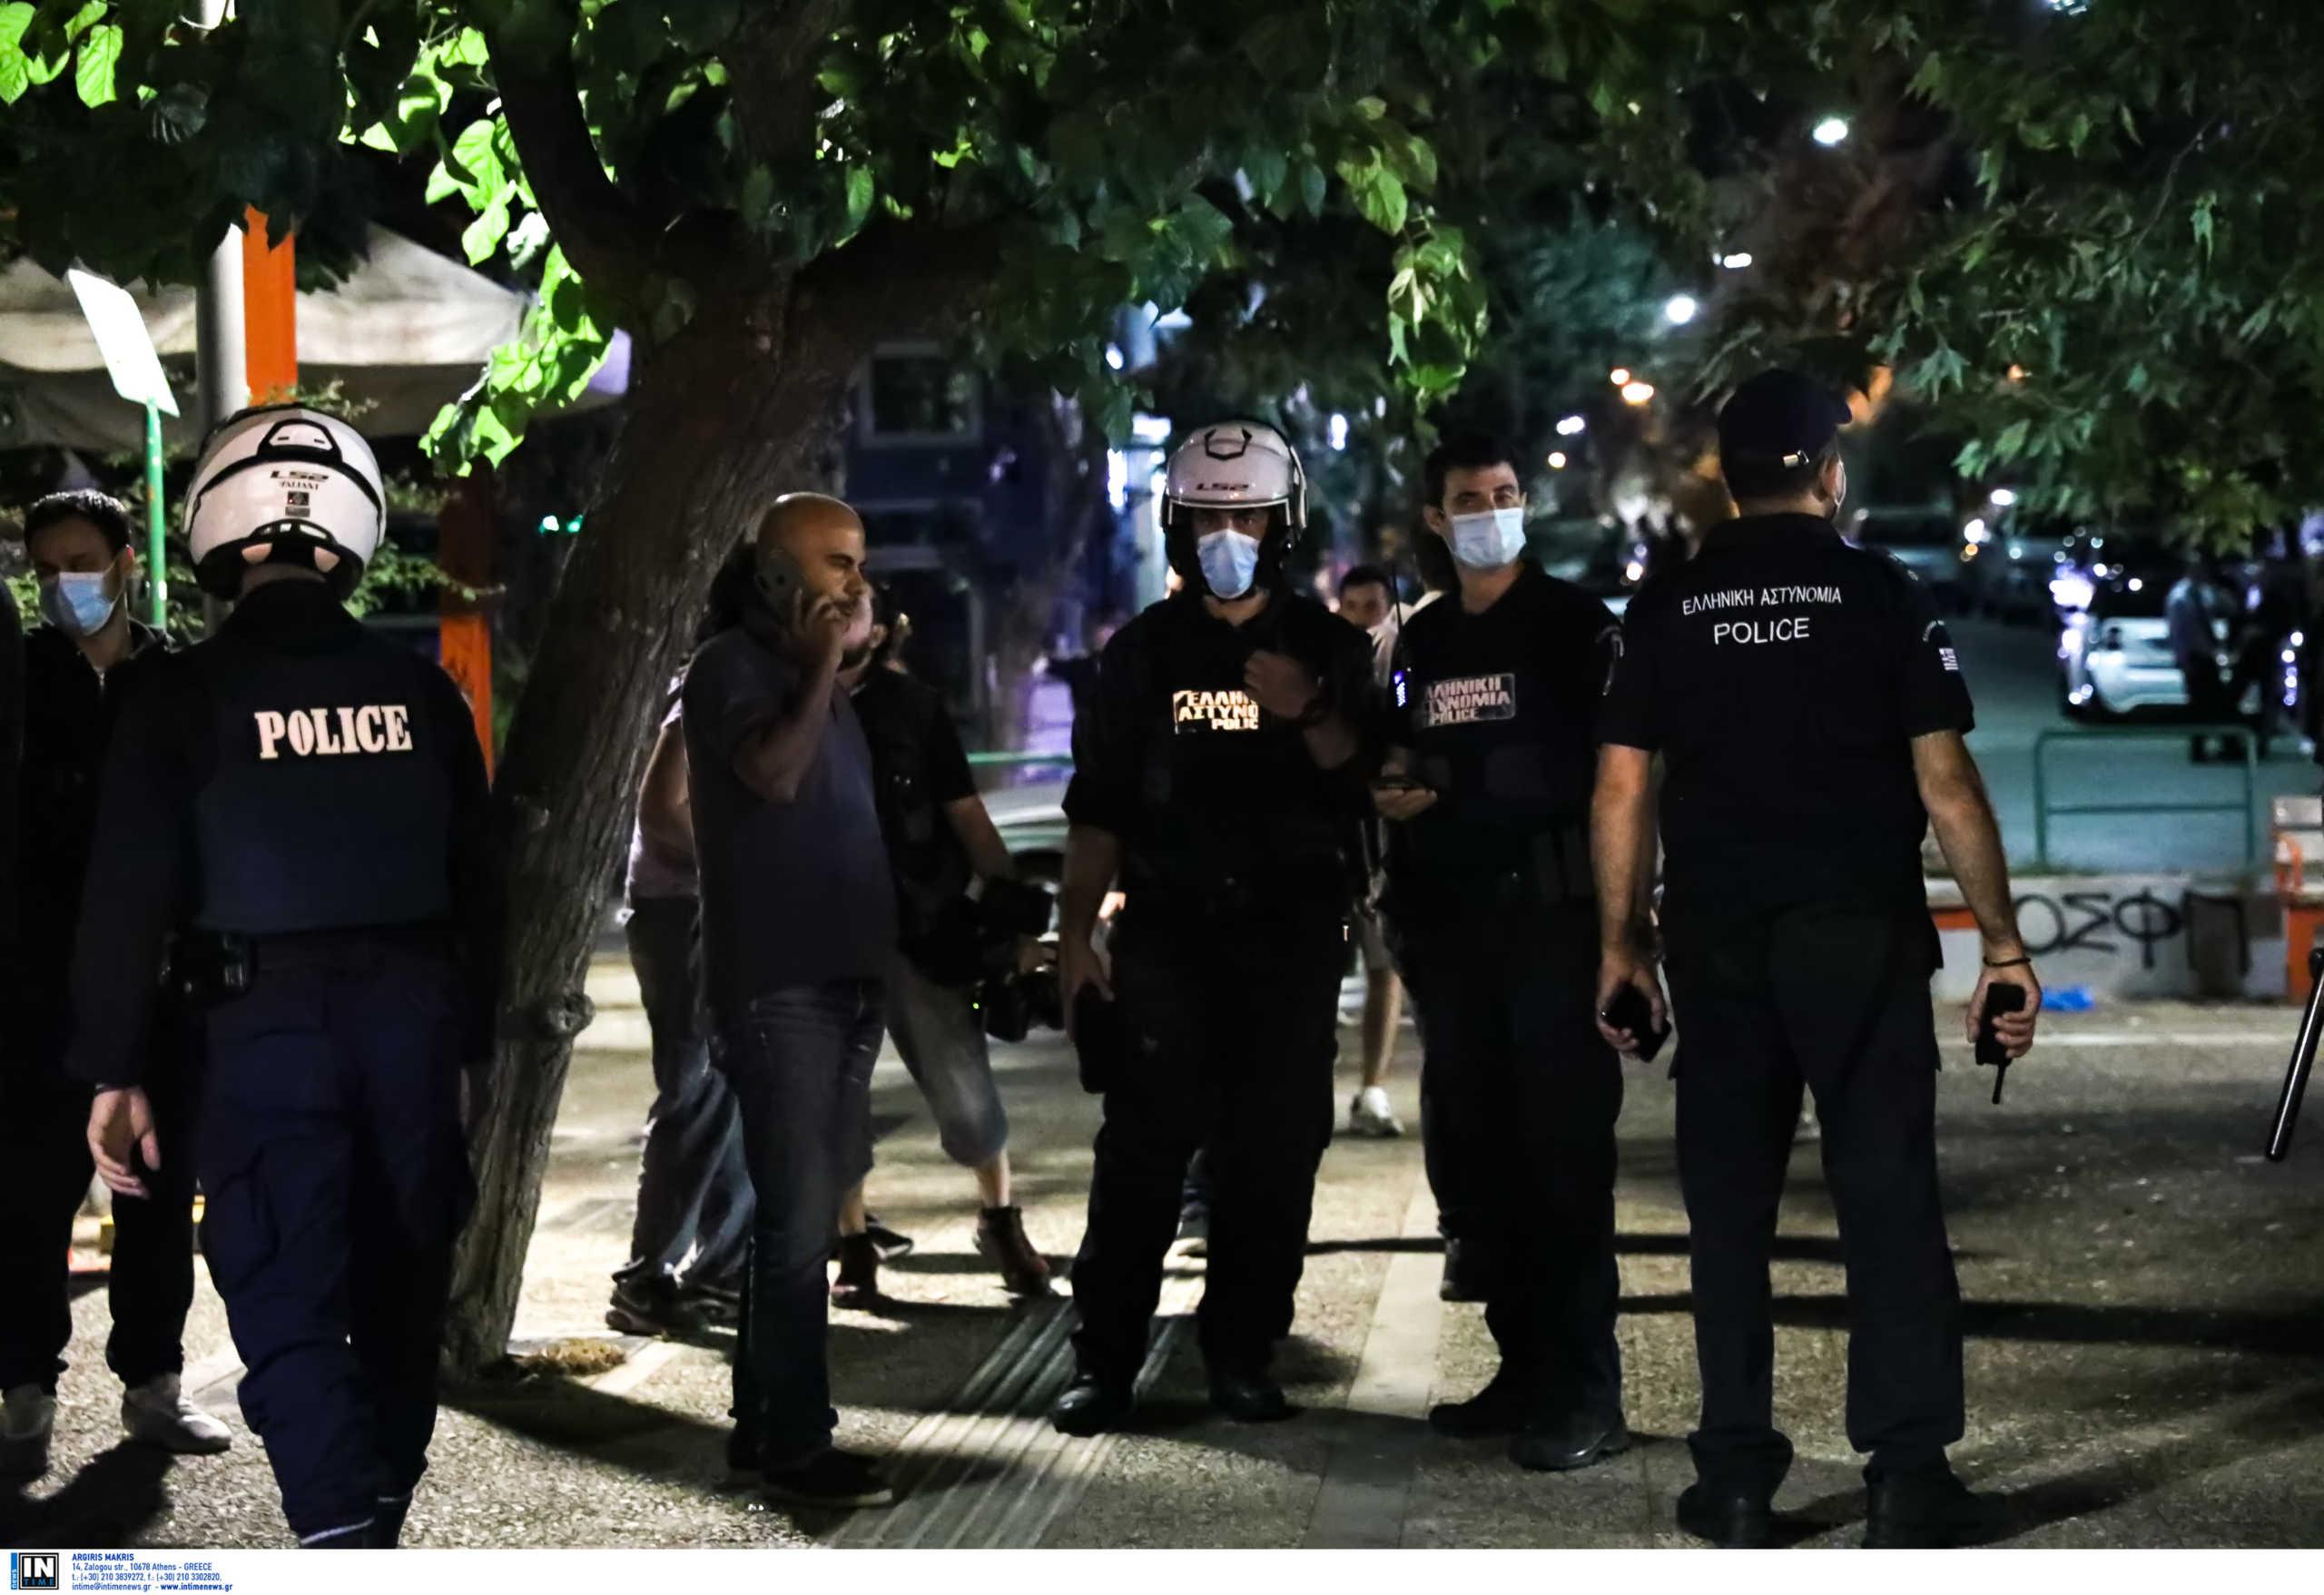 Κορονοϊός: Ποιες περιοχές «απέκτησαν» όριο 50 ατόμων για δημόσιες ή κοινωνικές εκδηλώσεις